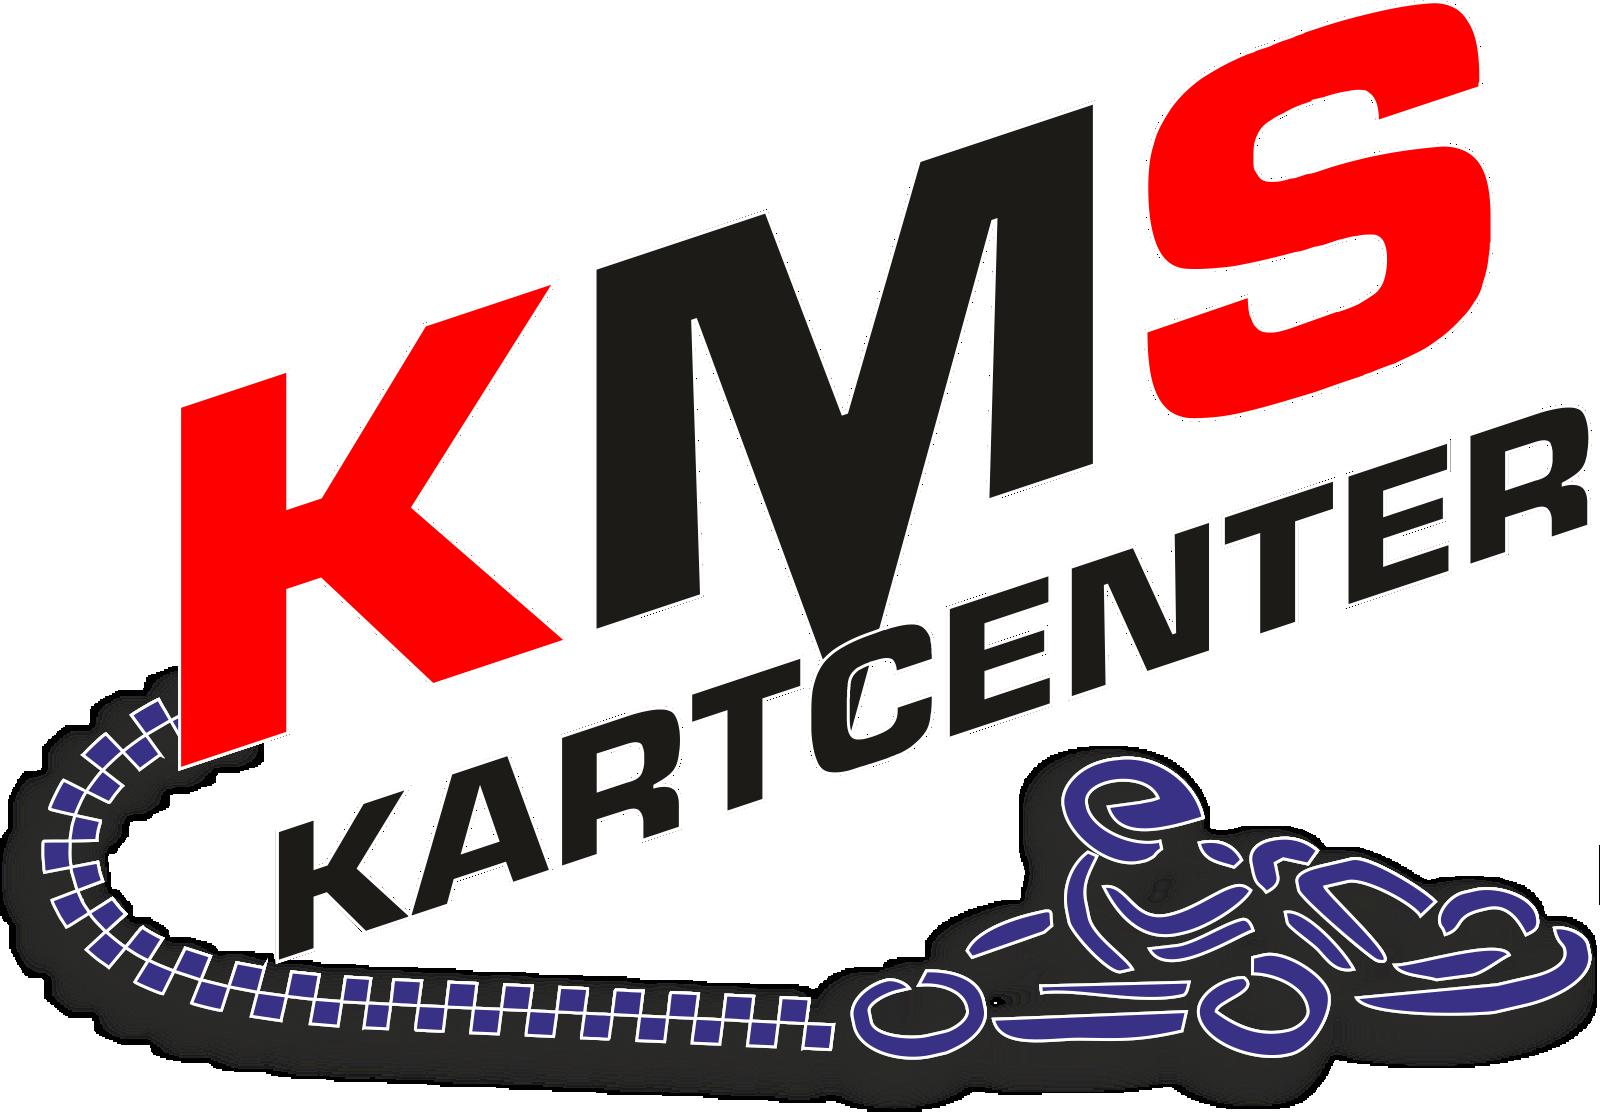 Kms-kartcenter Kartcenter Asbach bei Bonn